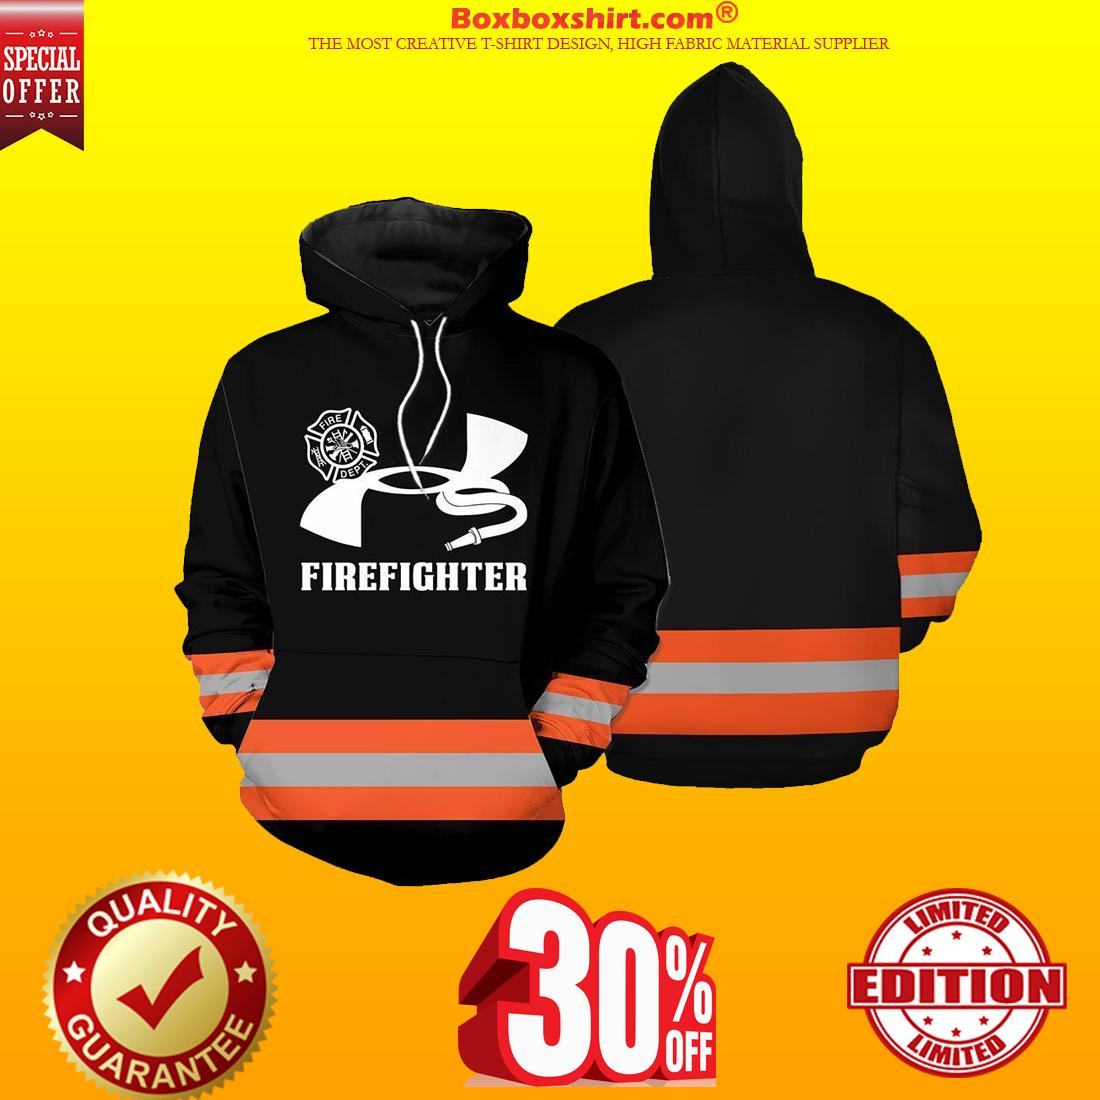 Under Armour firefighter 3d hoodie cool shirt